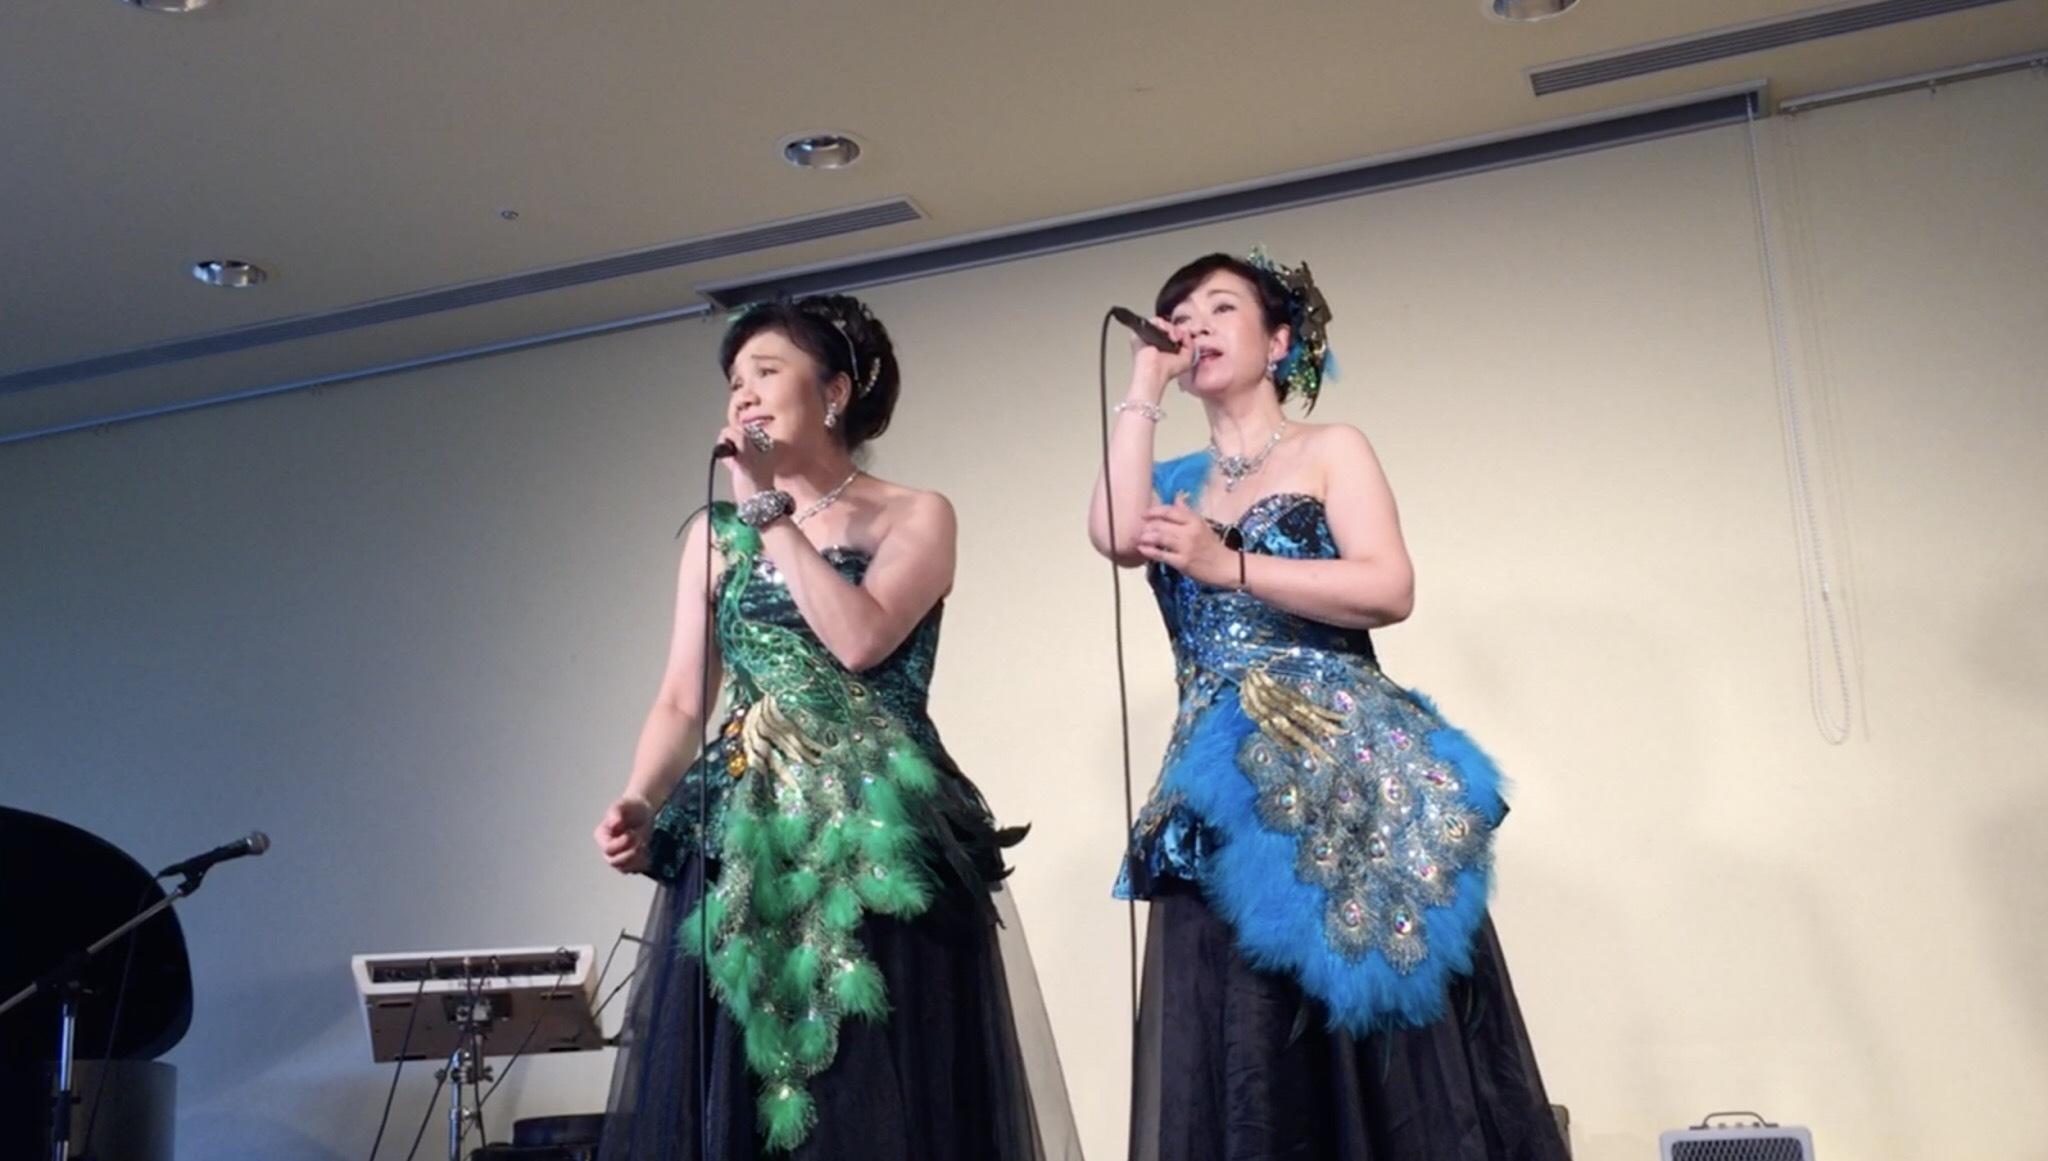 親睦会ライブ、無事に終わり、今度は観音姉妹のスペシャルライブです。_e0342933_09061562.jpg